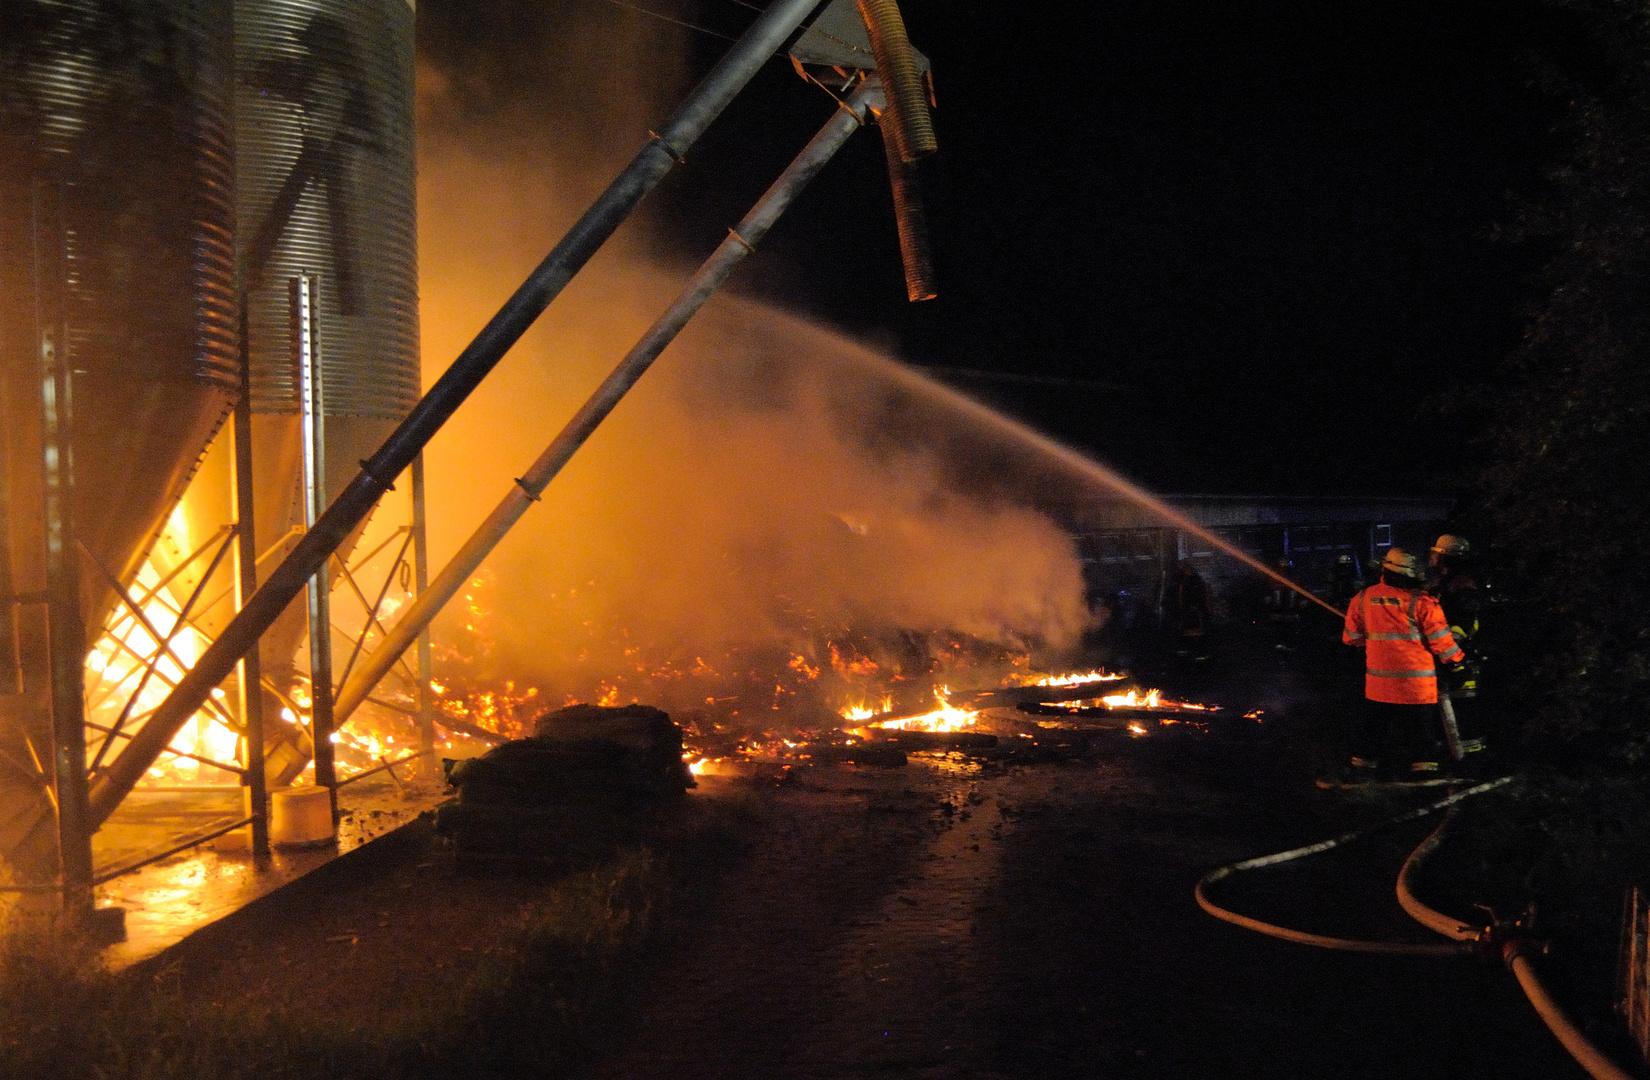 Einsatz Scheunenbrand 2 14.07.2012